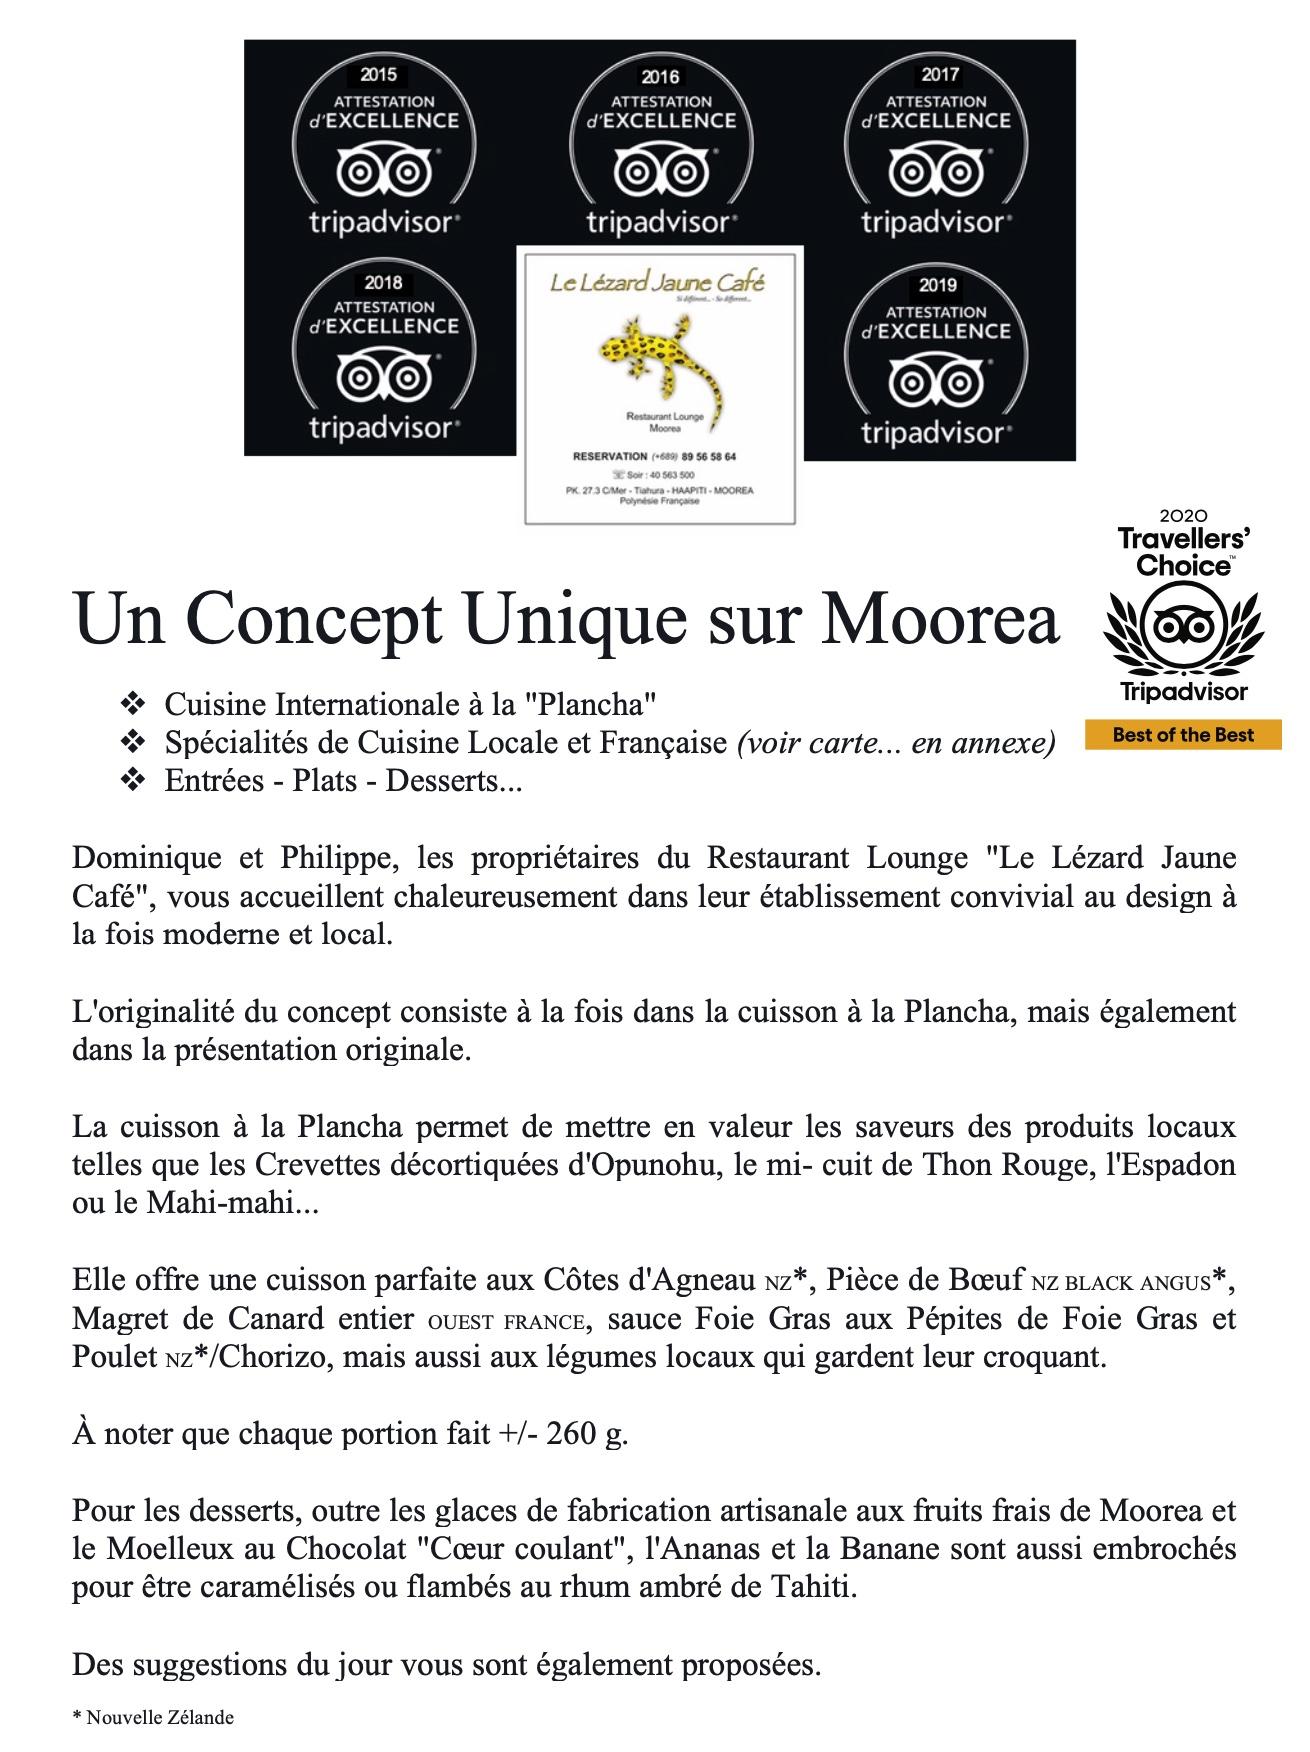 https://tahititourisme.com.au/wp-content/uploads/2017/08/1ère-de-page-FACEBOOK-2020.jpg